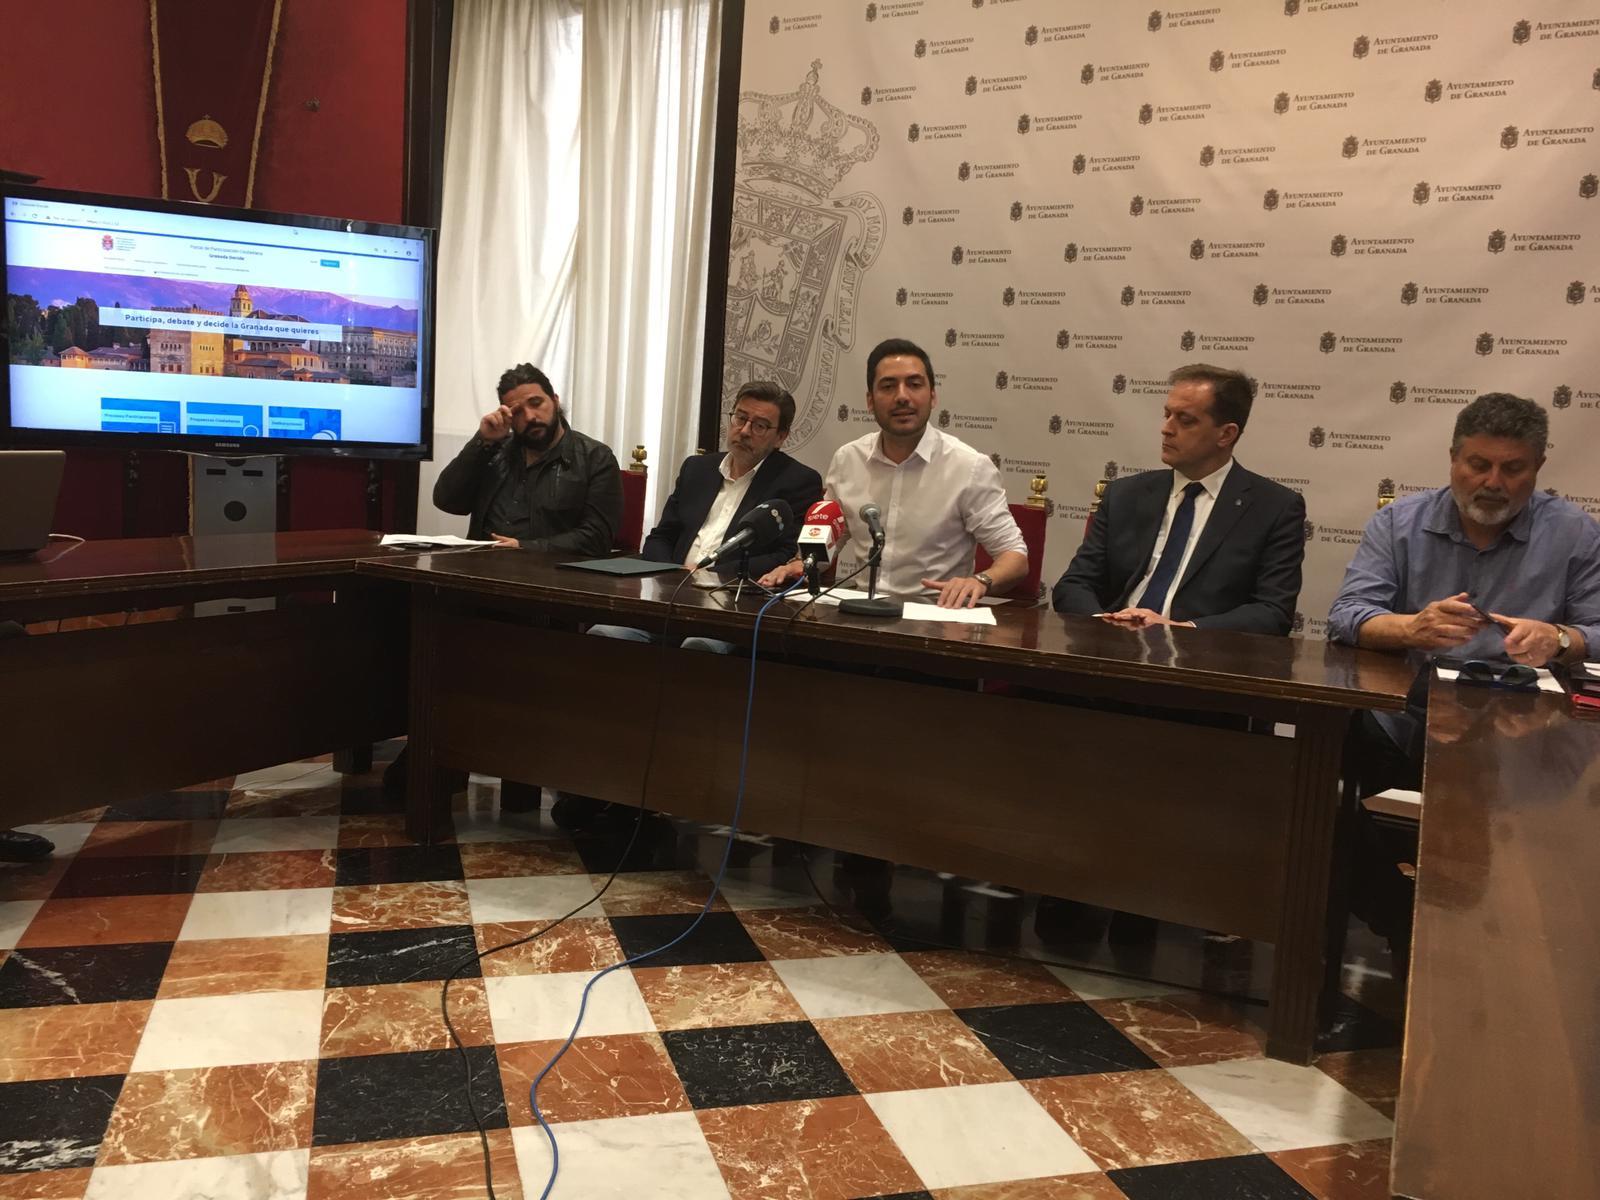 El Ayuntamiento activa una web de participación ciudadana